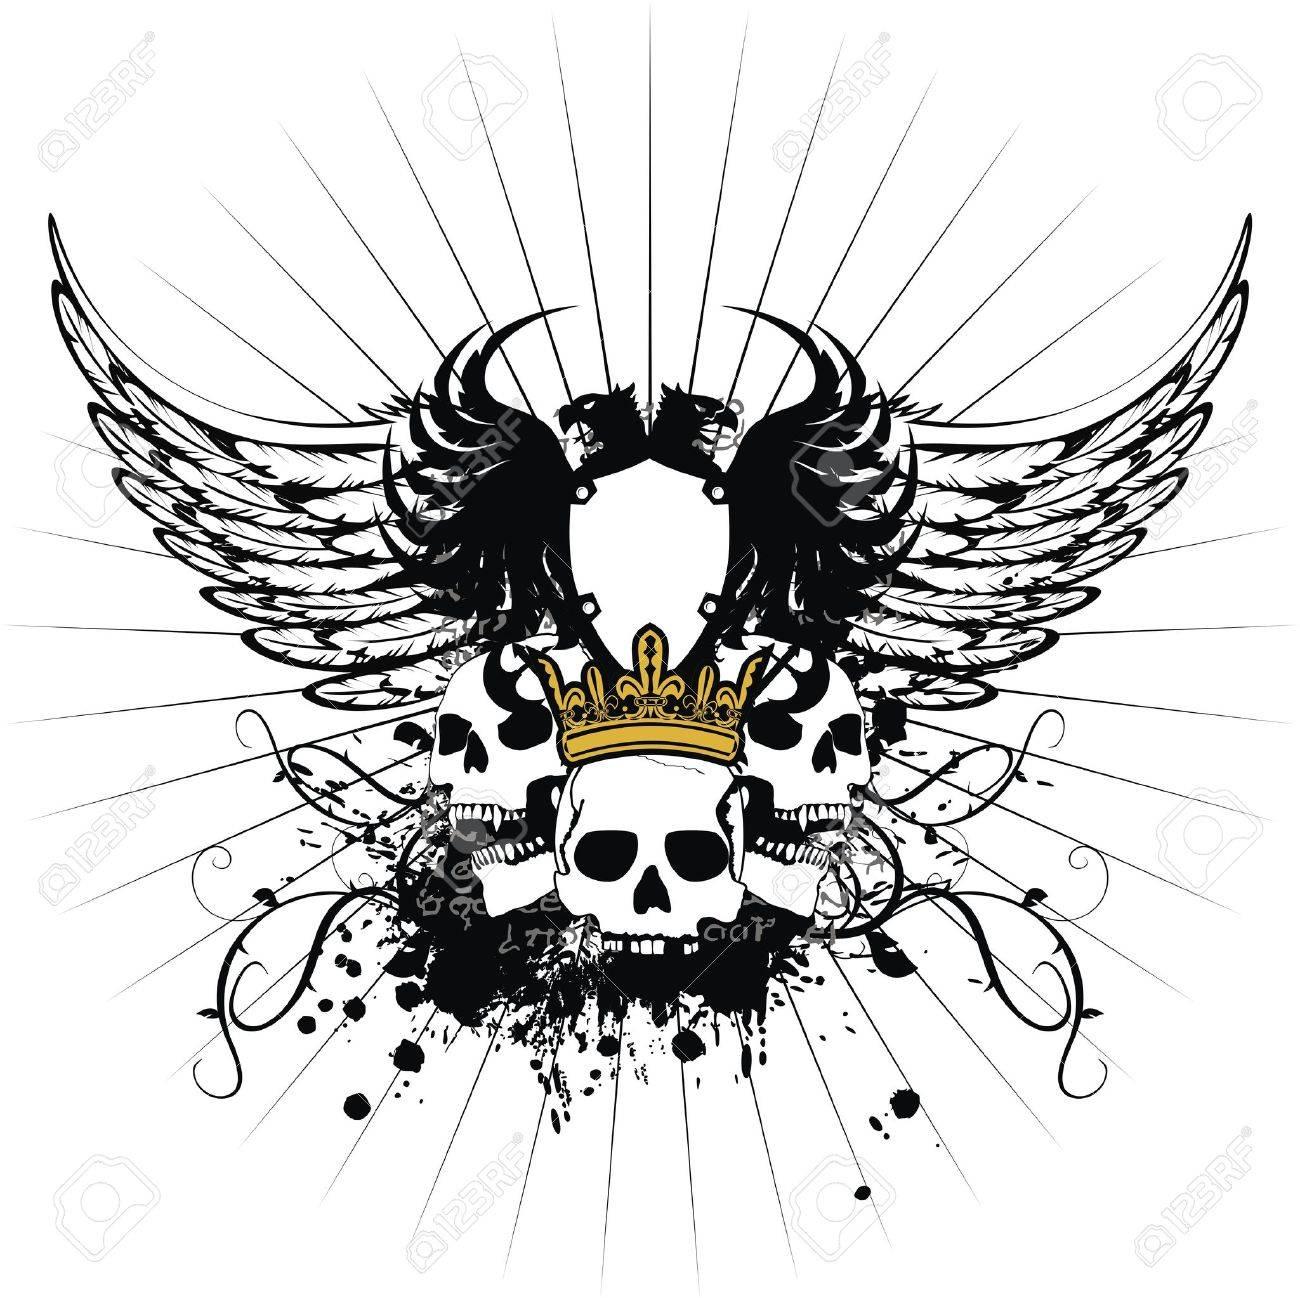 heraldic coat of arms Stock Vector - 8520239